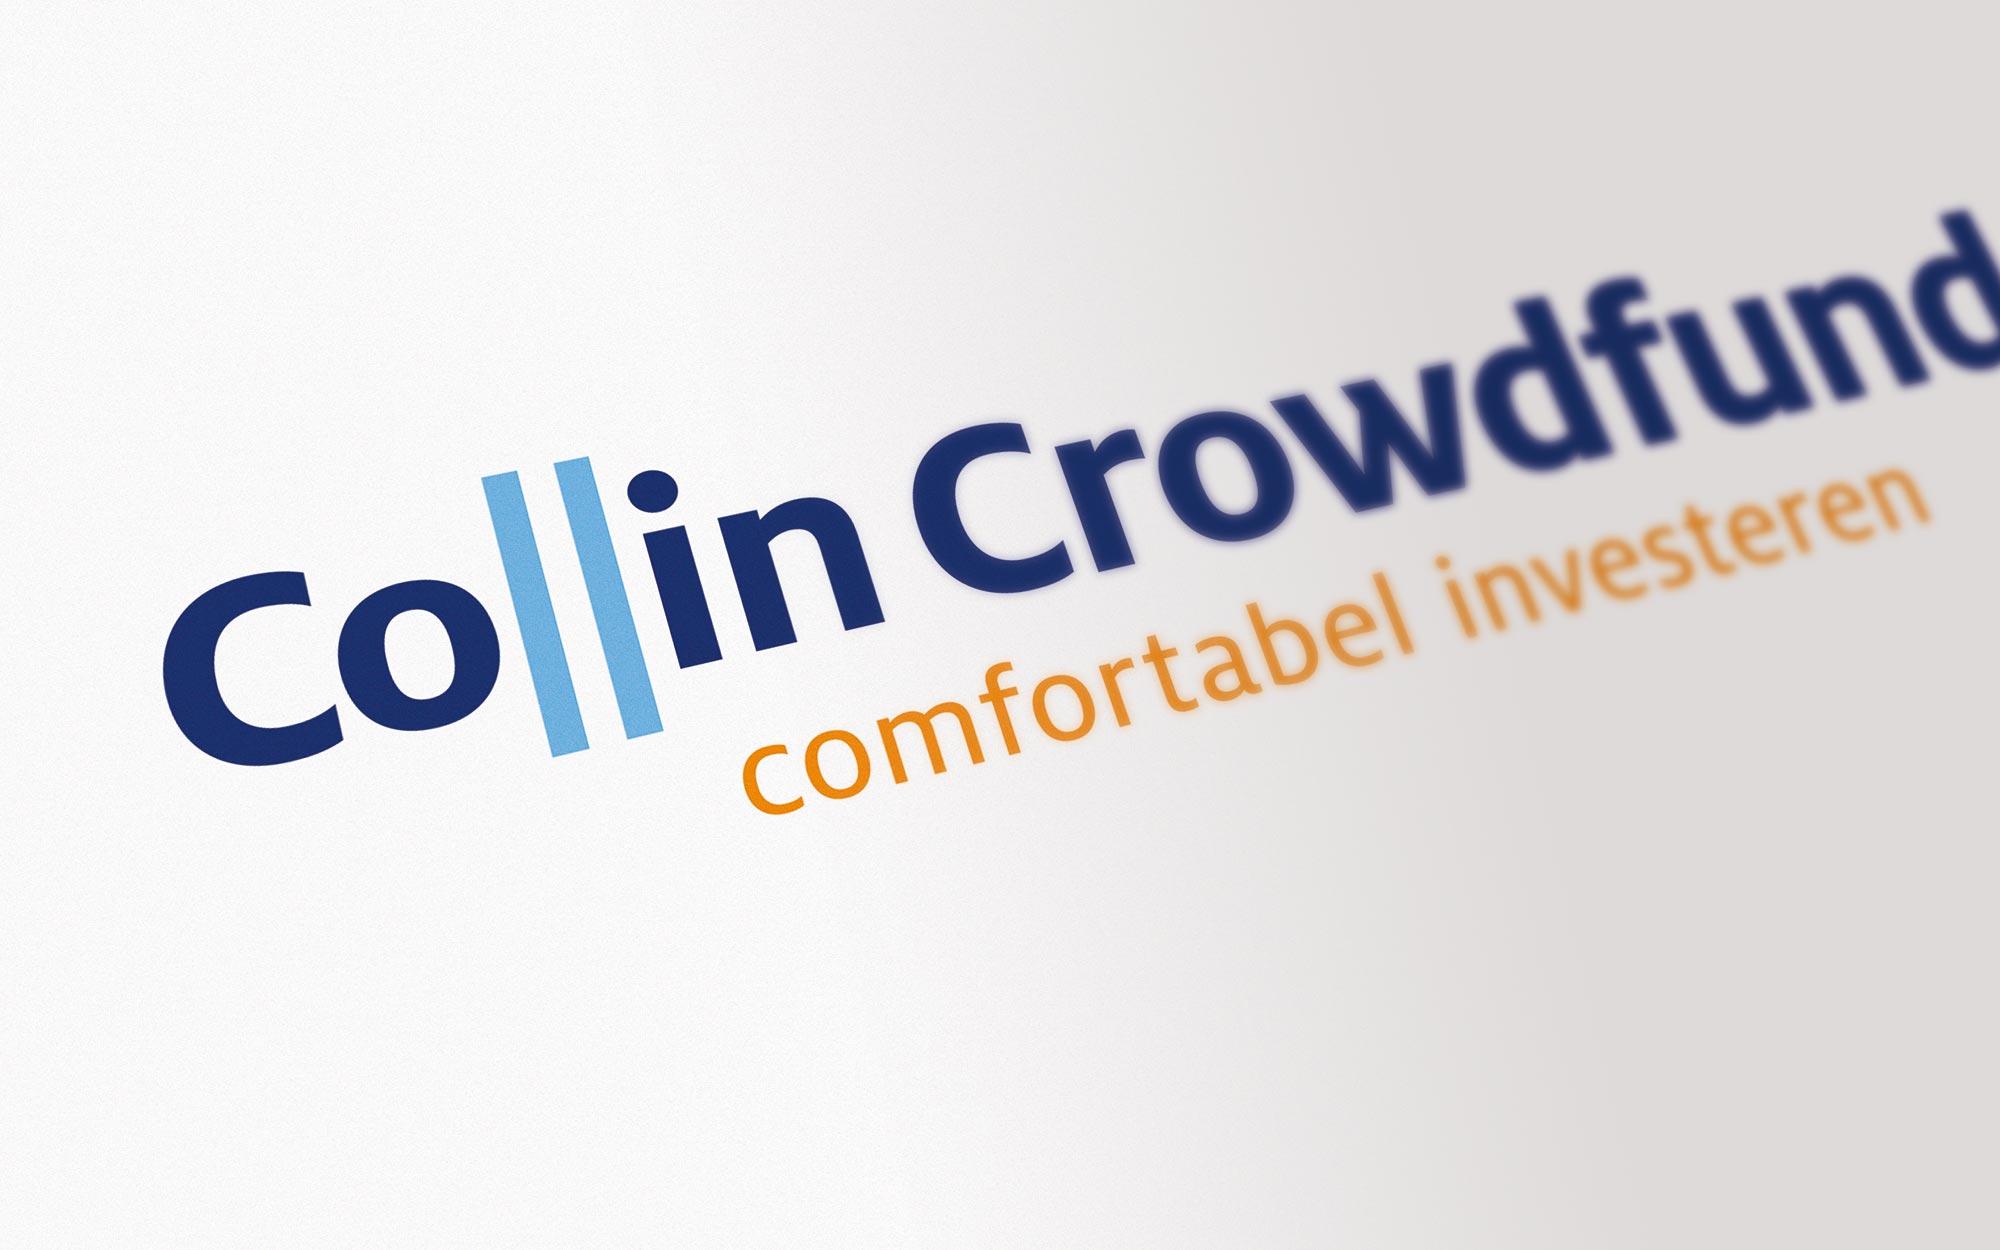 Collin Crowdfund logo ontwerp JAgd detail